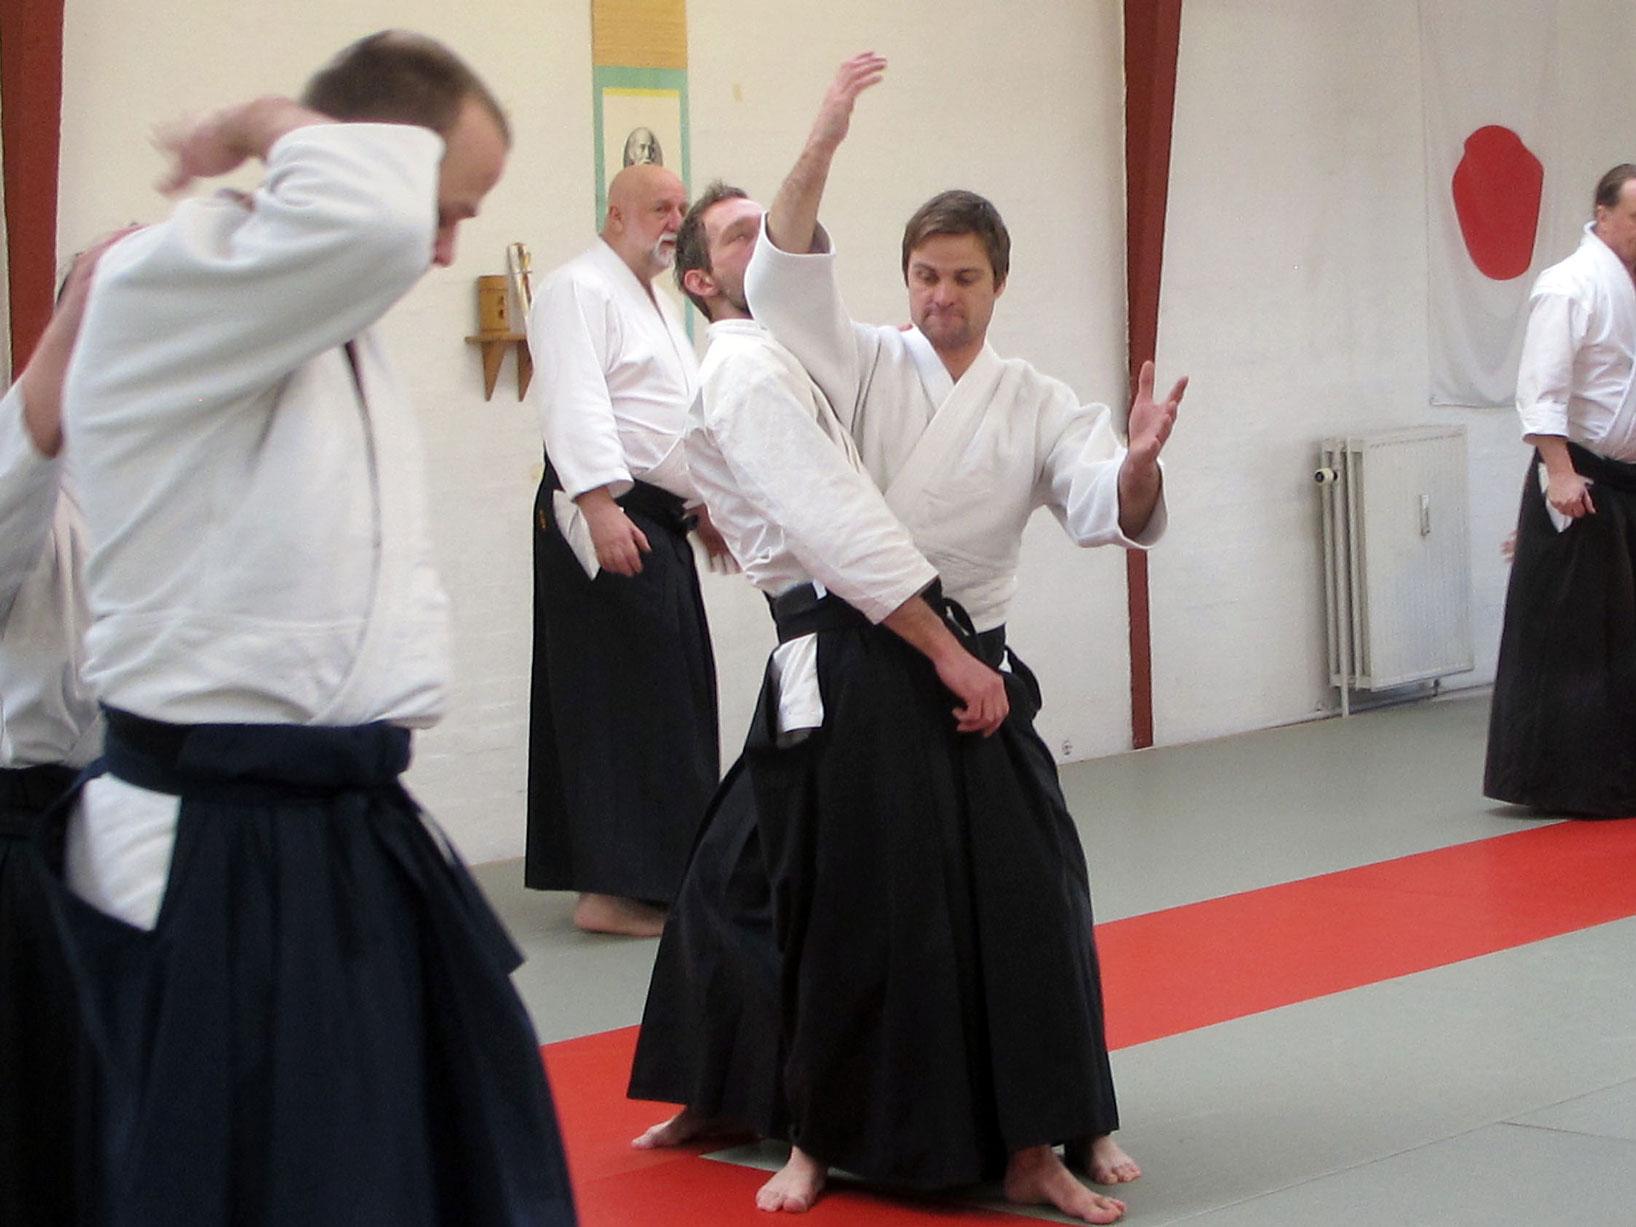 Aalborg-Aikido-seminar-2014-44